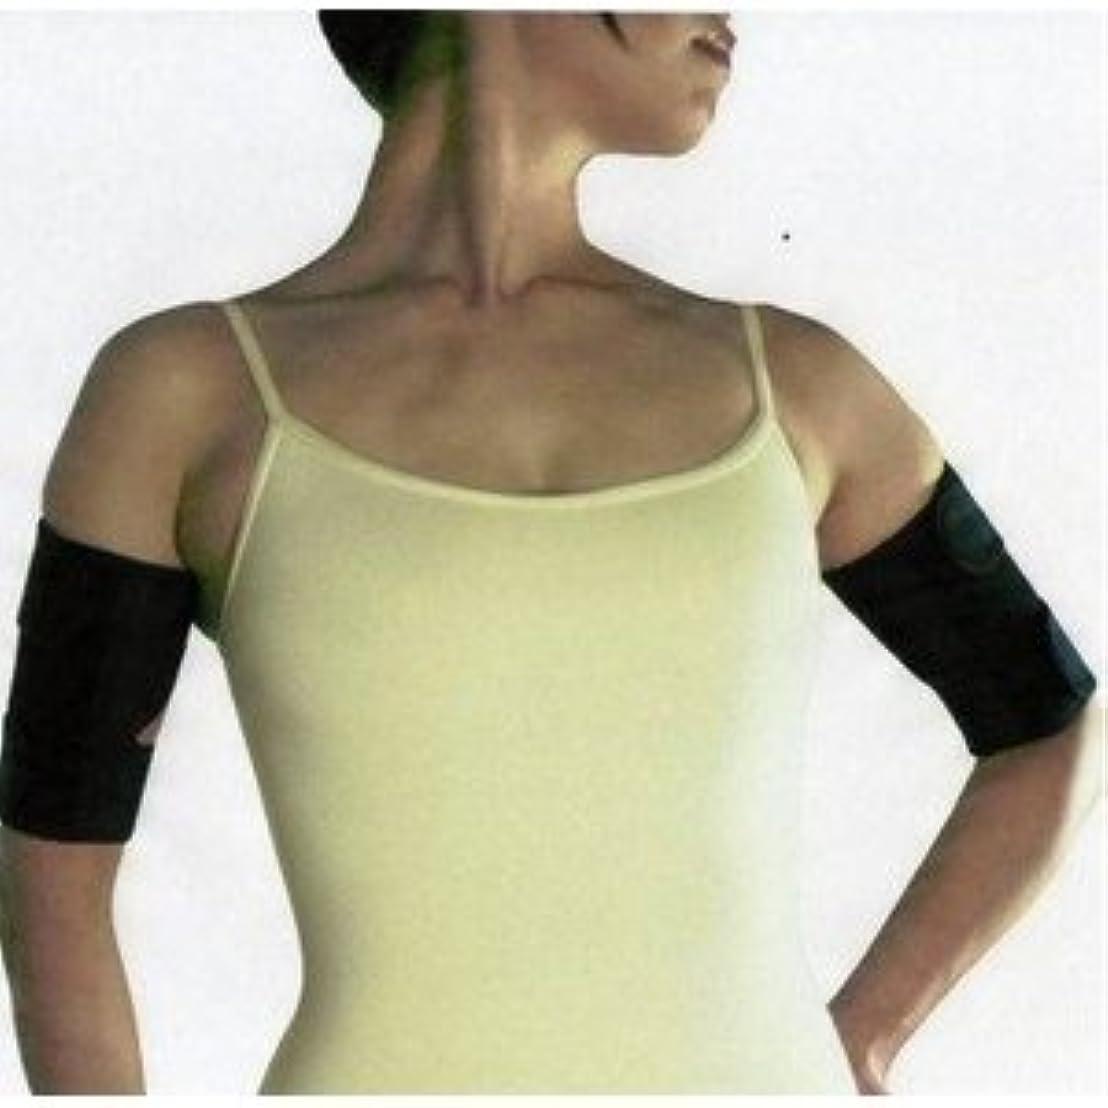 評価可能緯度病な「宇宙のくつ下」シリーズ Air Fit(エアフィット) 二の腕ミネラルシェイパー ダイエット 健康 ダイエットウェア 二の腕 top1-ds-499879-sd5-ah [独自簡易包装]